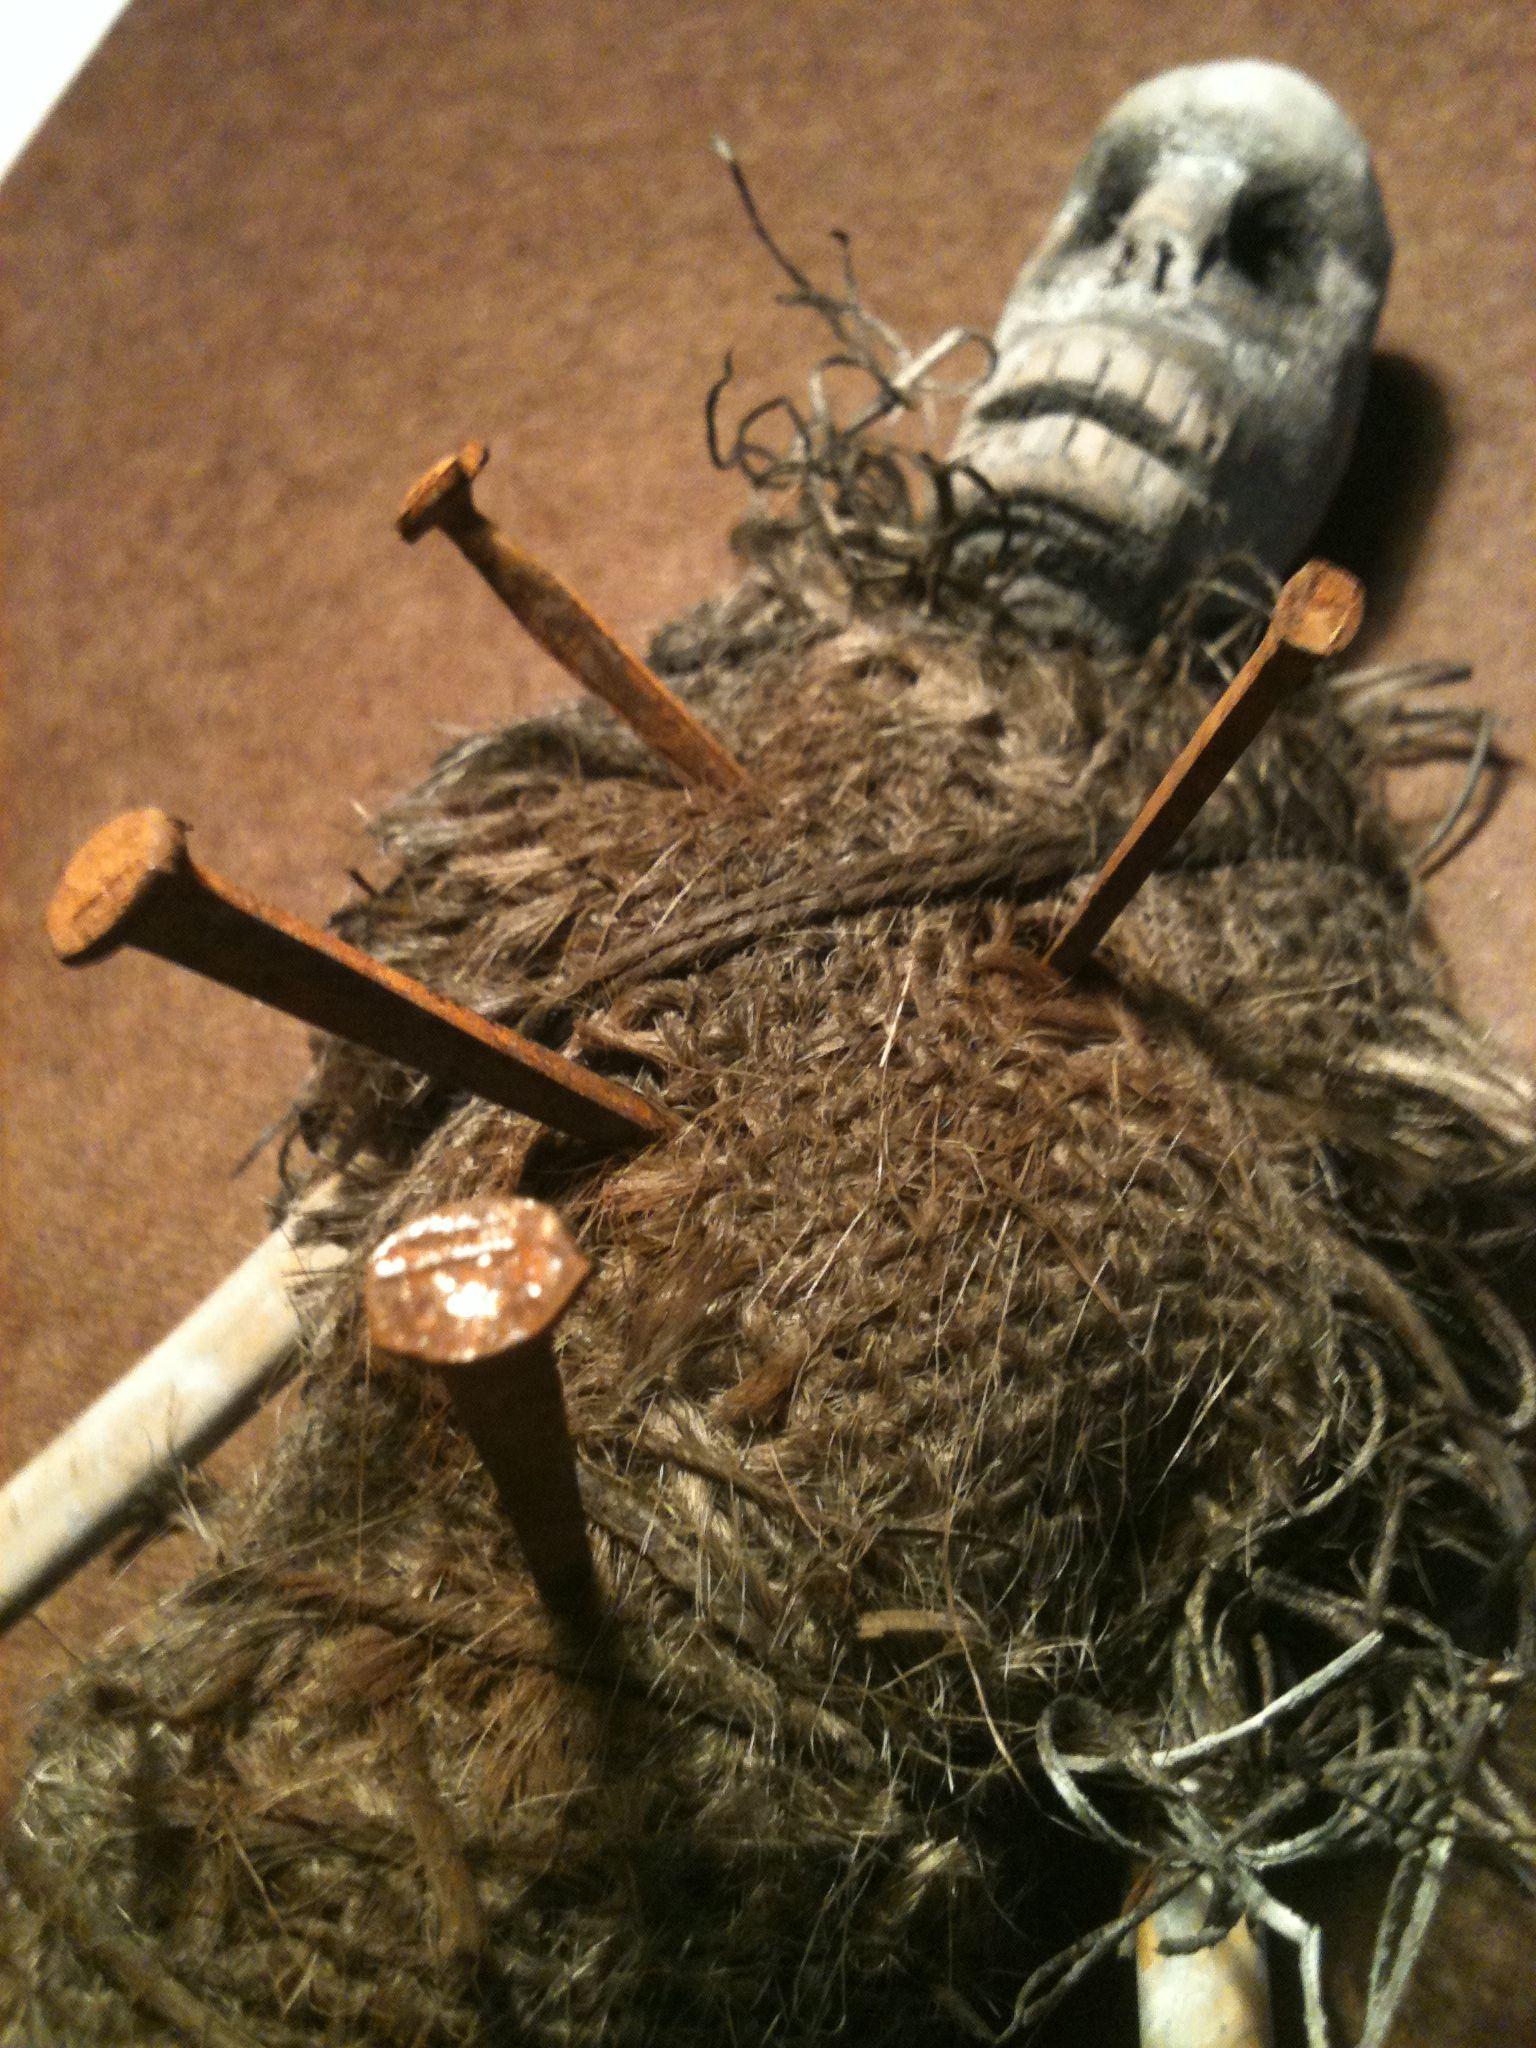 Zombie Voodoo doll | Voodoo halloween, Voodoo dolls, Voodoo costume